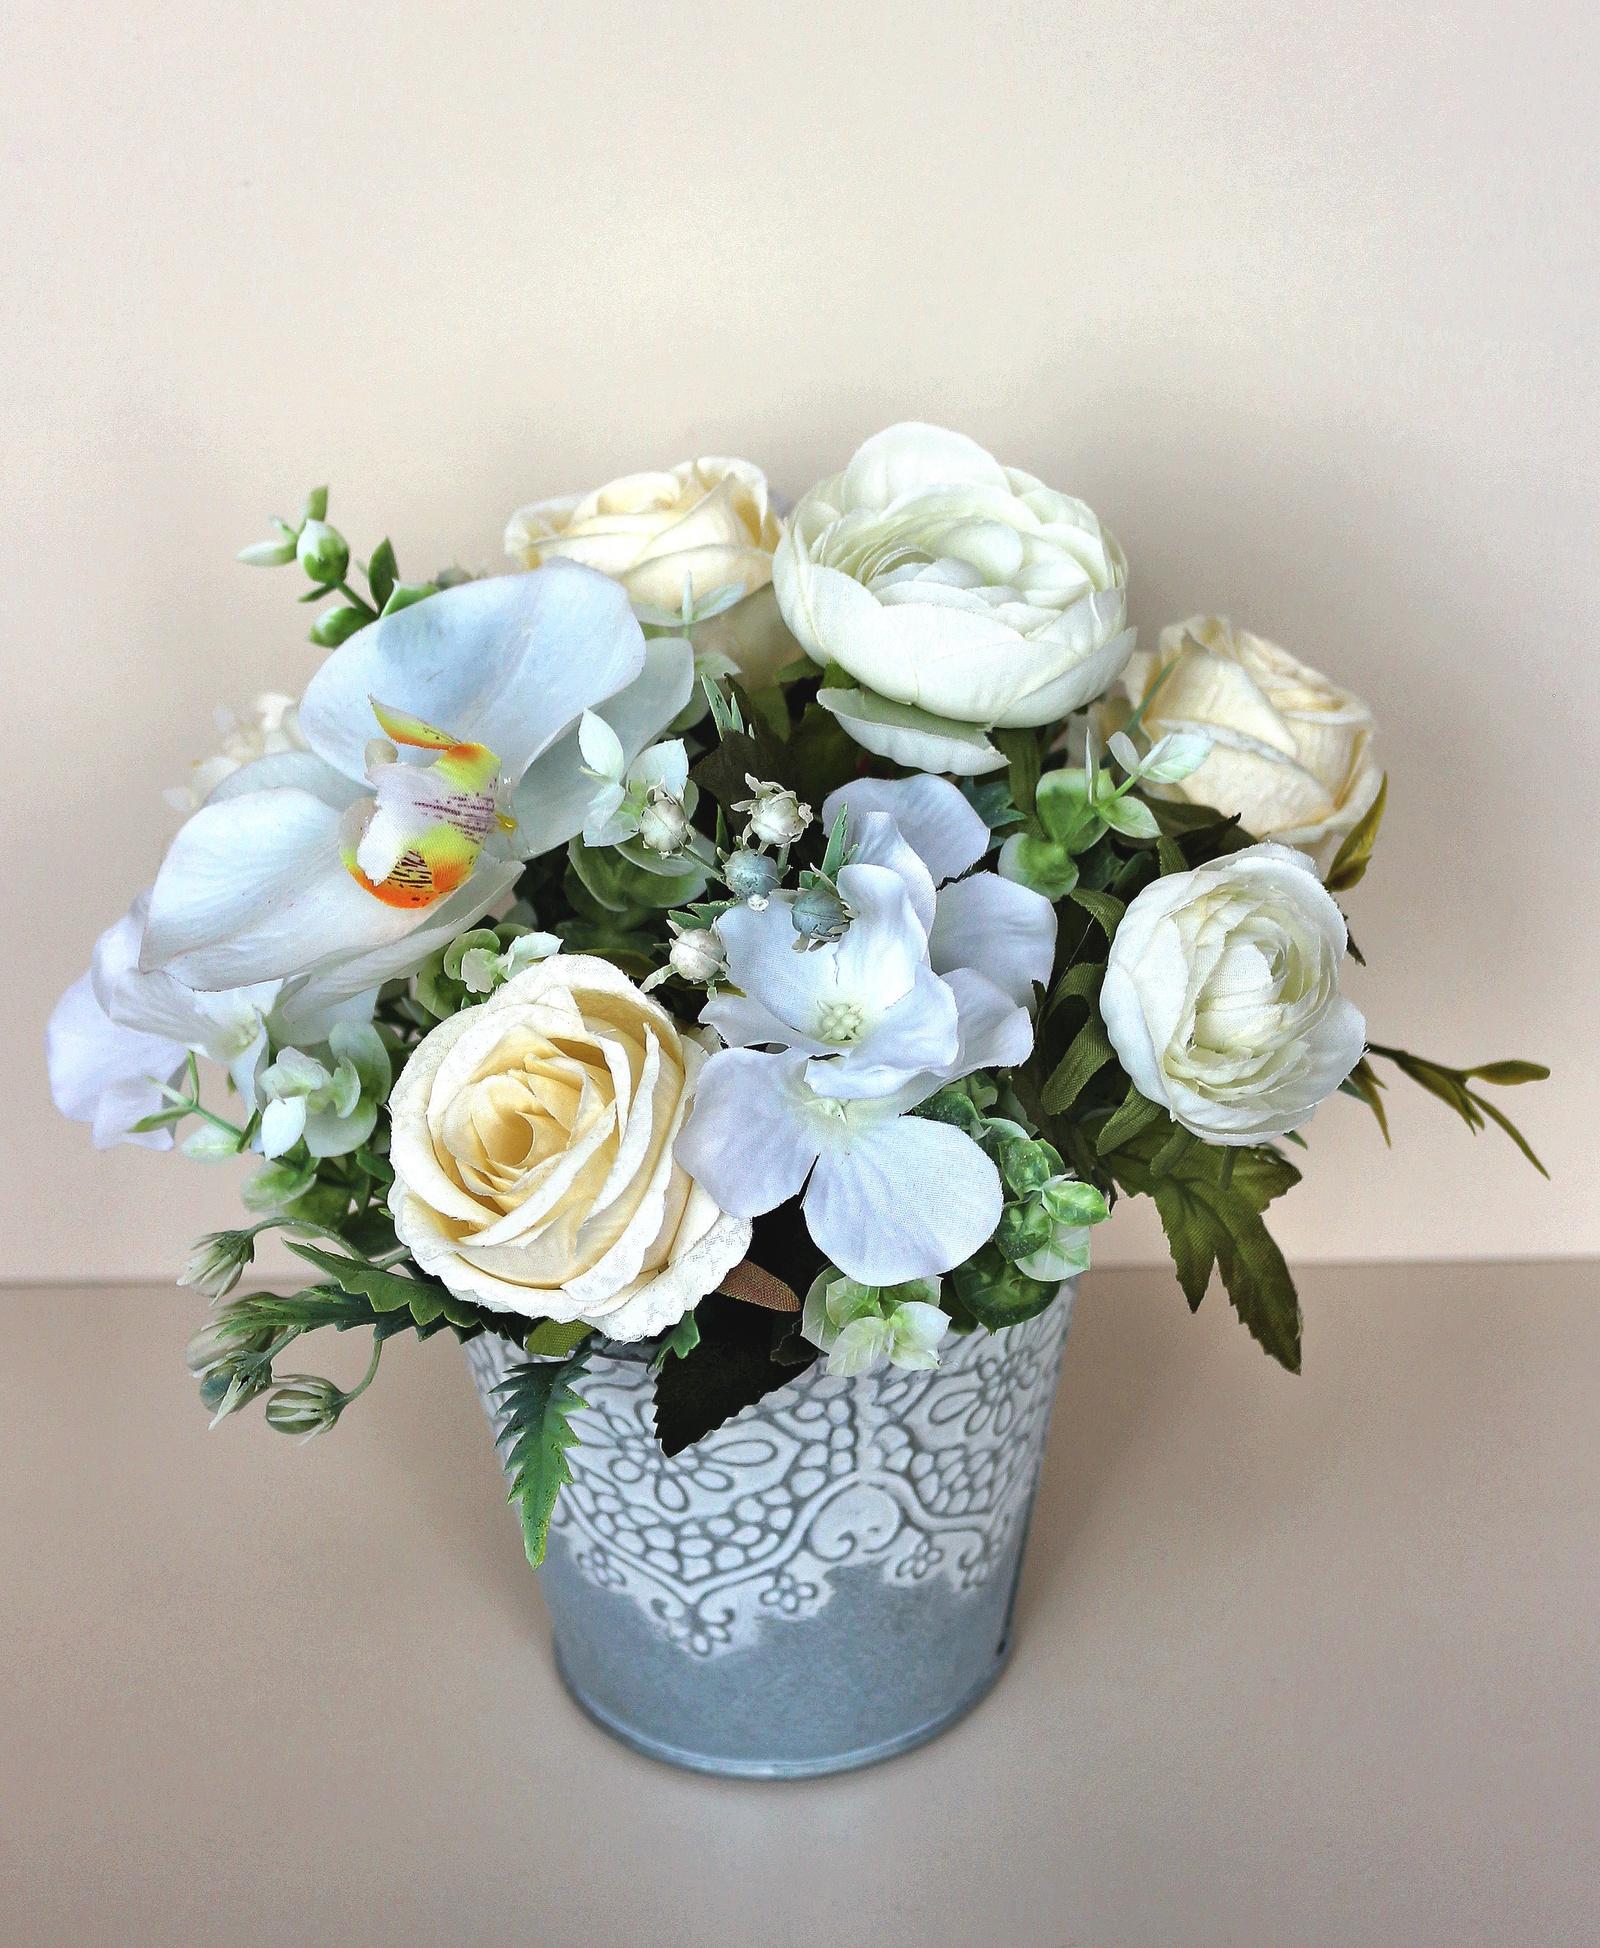 Искусственные цветы 403214, белый букет белых роз в кашпо